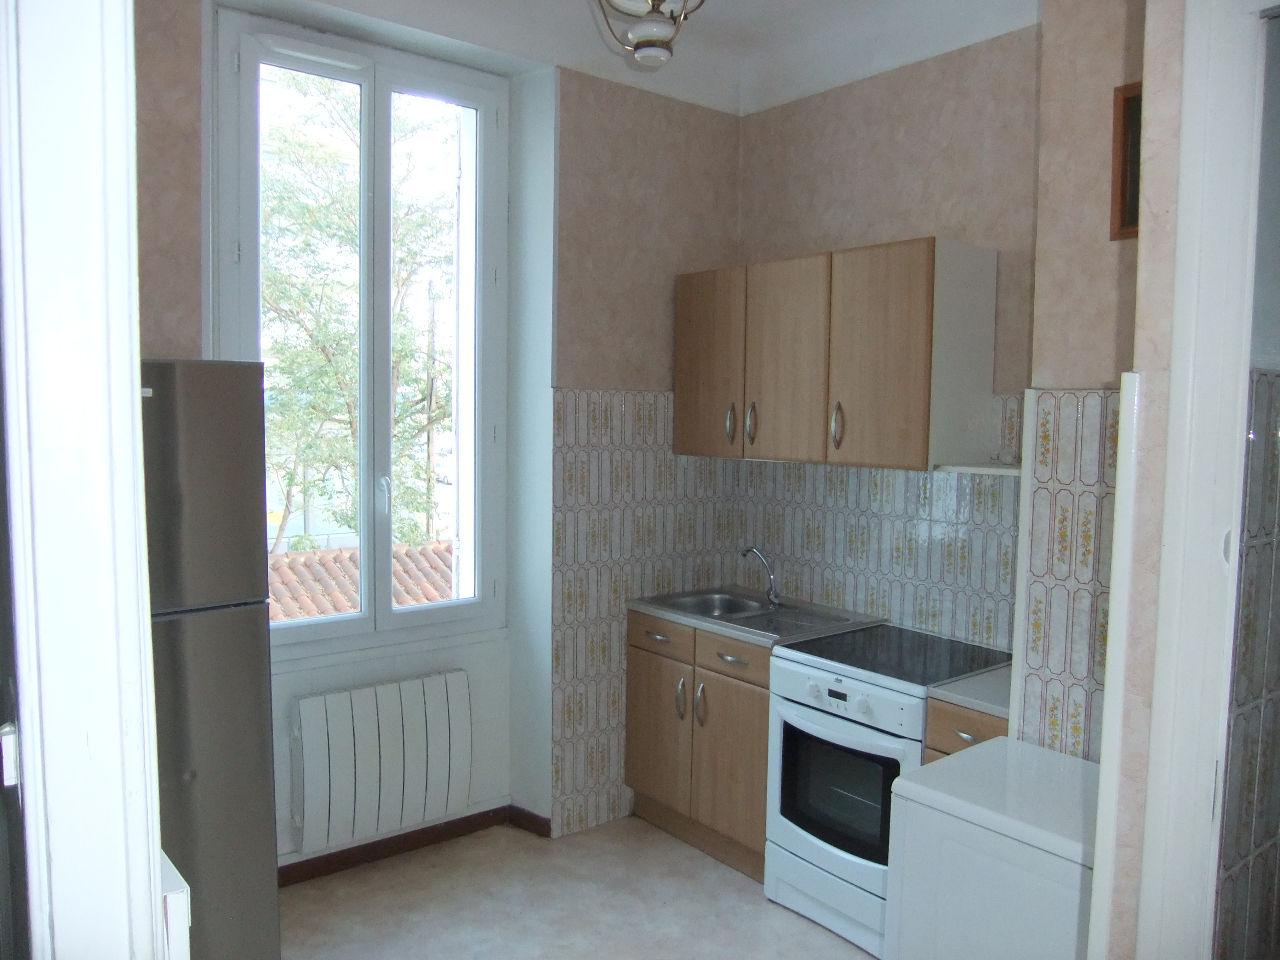 Location Appartement 1 pièces MARSEILLE 13010